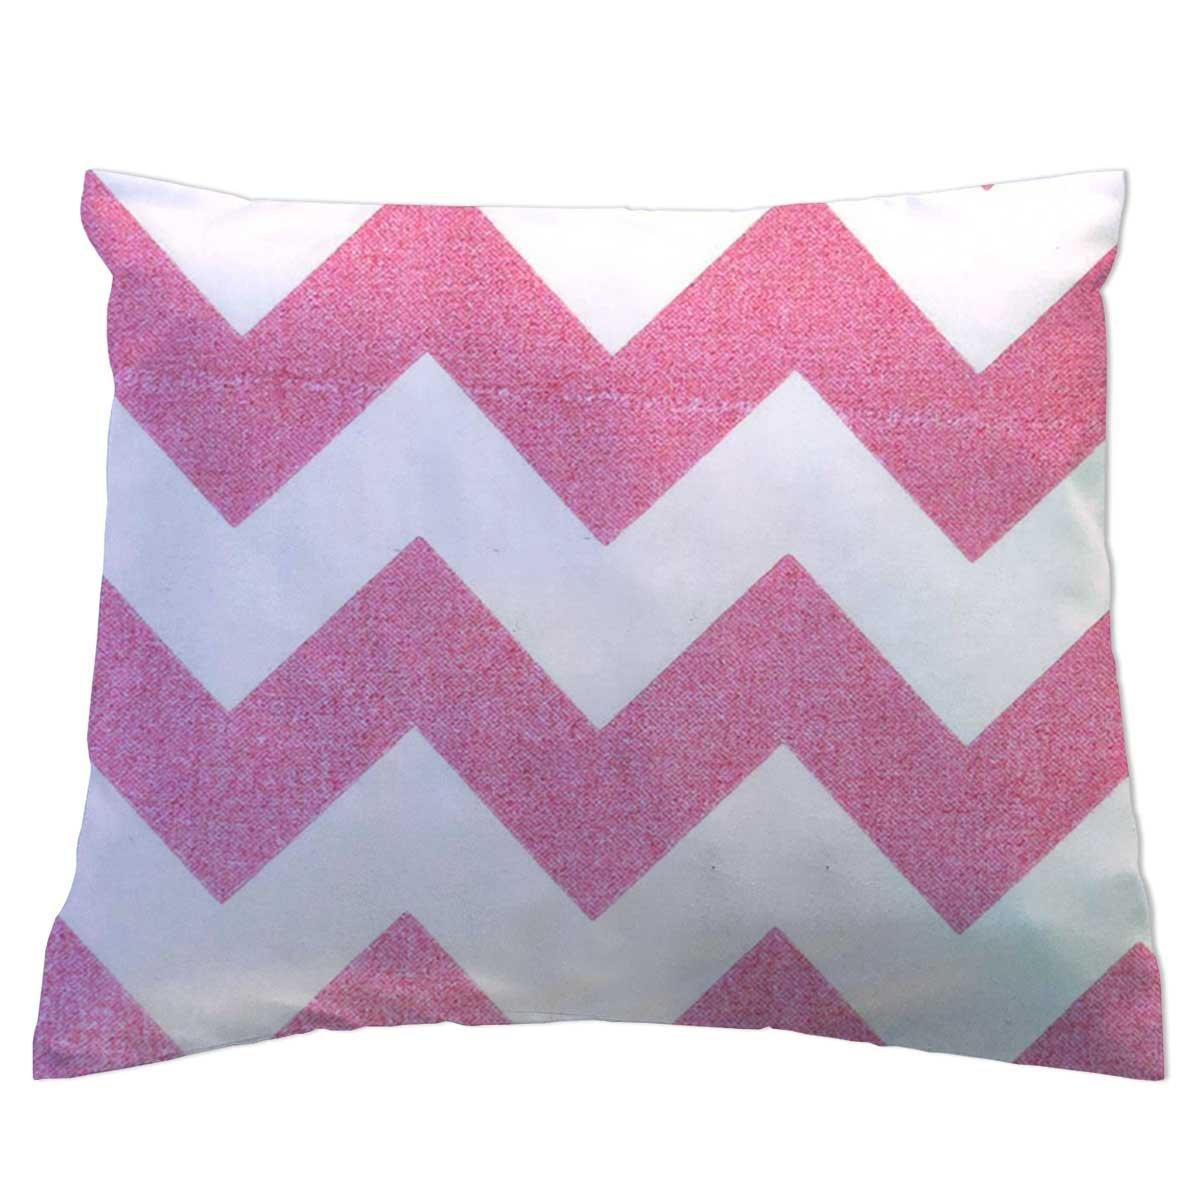 SheetWorld Crib Toddler Pillow Case, 100% Cotton Woven, Sparkly Pink Chevron, 13 x 17, Made in USA